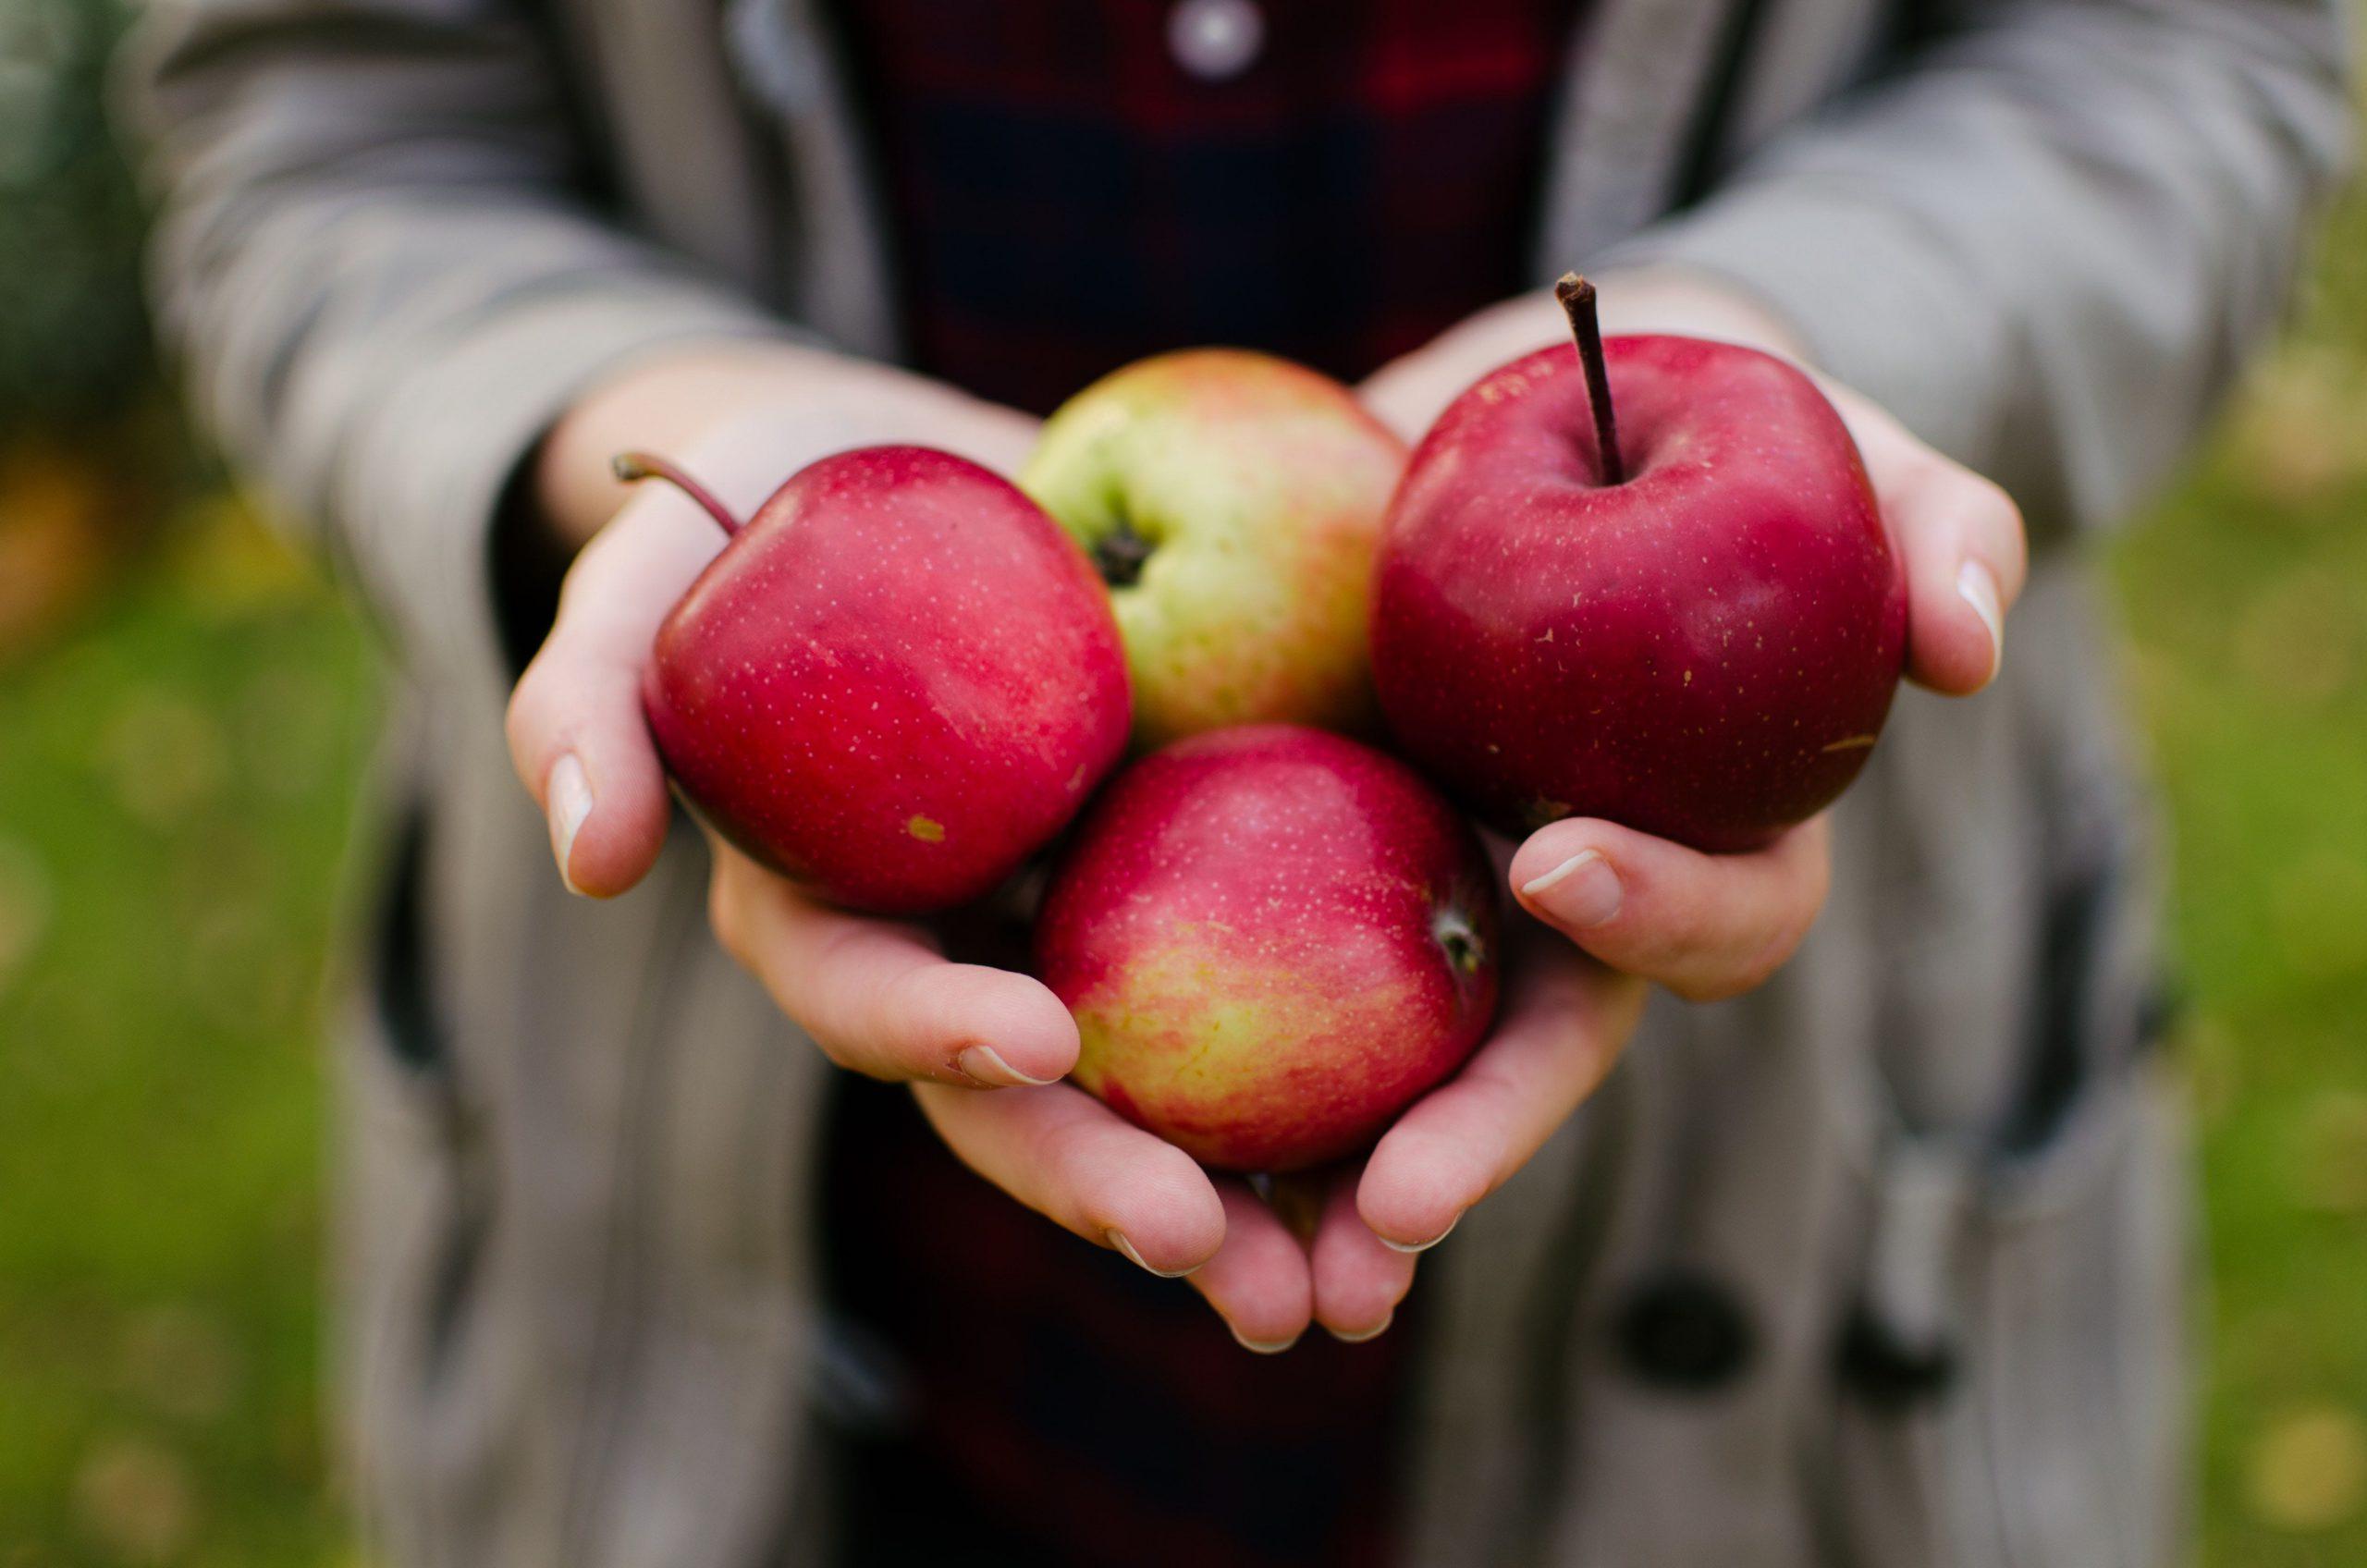 Frauenhände mit Äpfeln